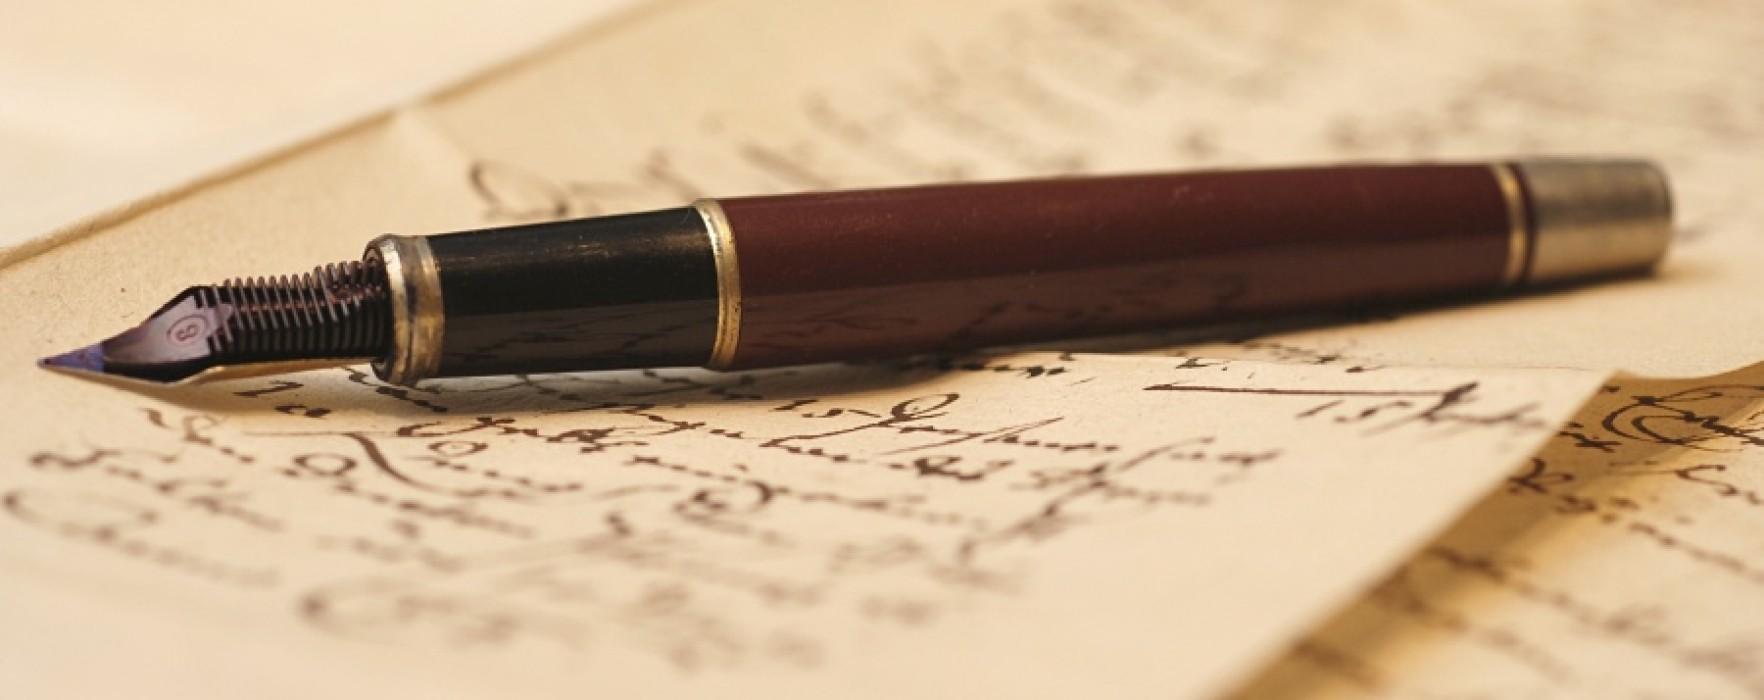 Scrisori de dragoste vor fi livrate gratuit, începând de săptămâna viitoare, în cadrul unui proiect artistic